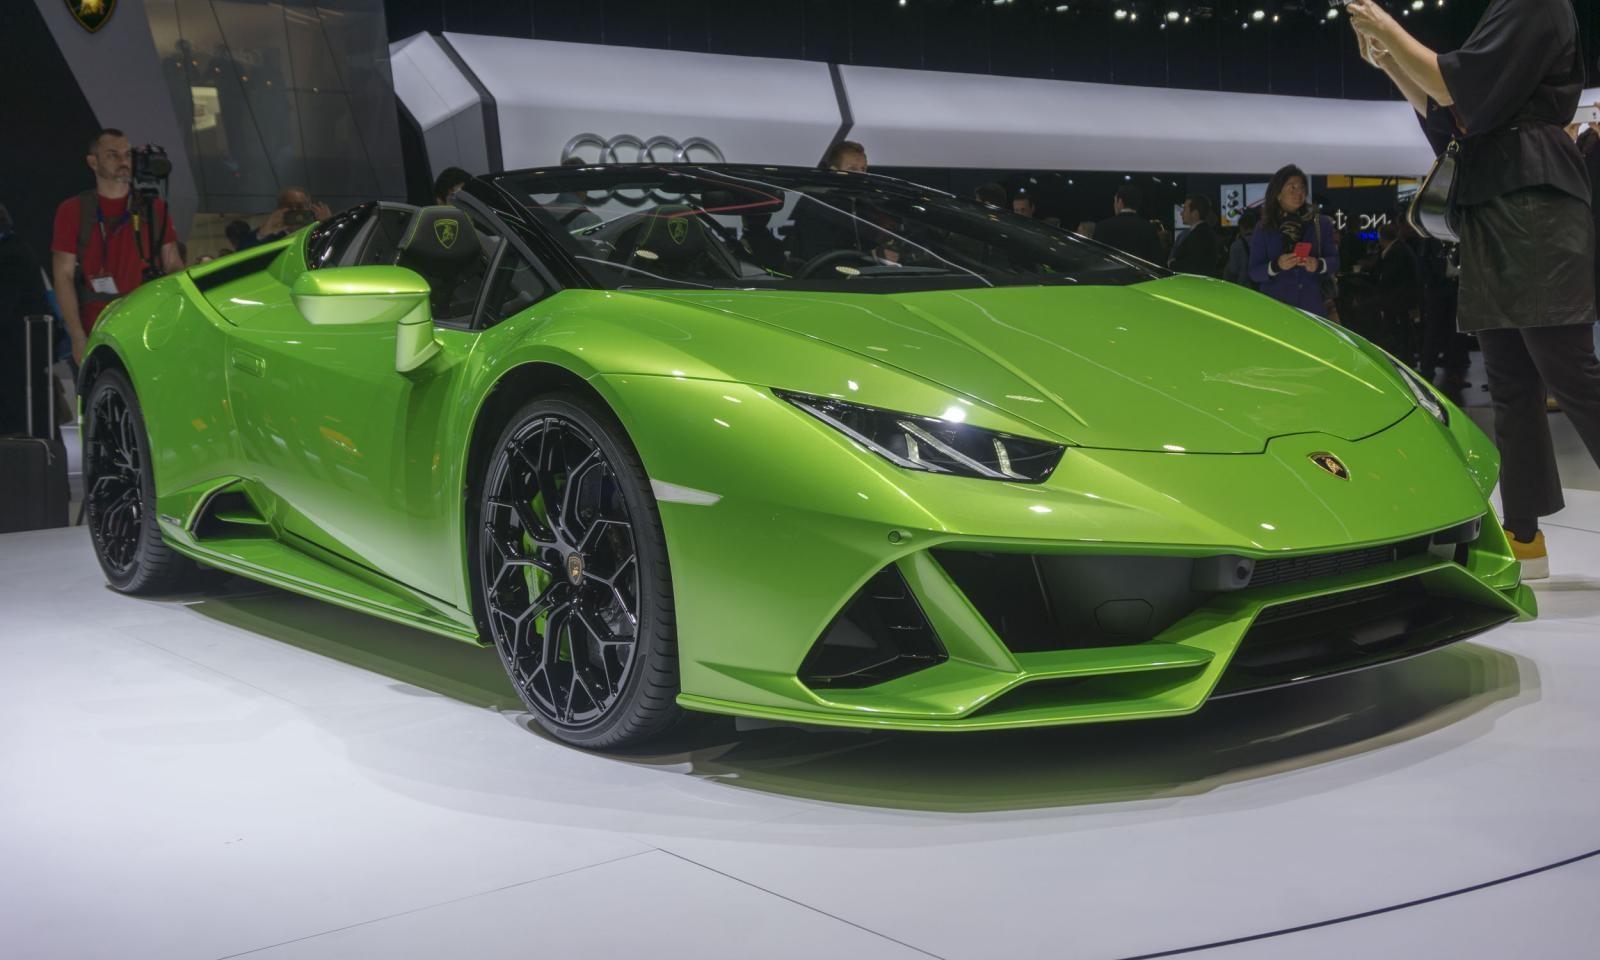 Lamborghini Huracan Evo mui trần toả sáng tại triển lãm danh giá nhất thế giới